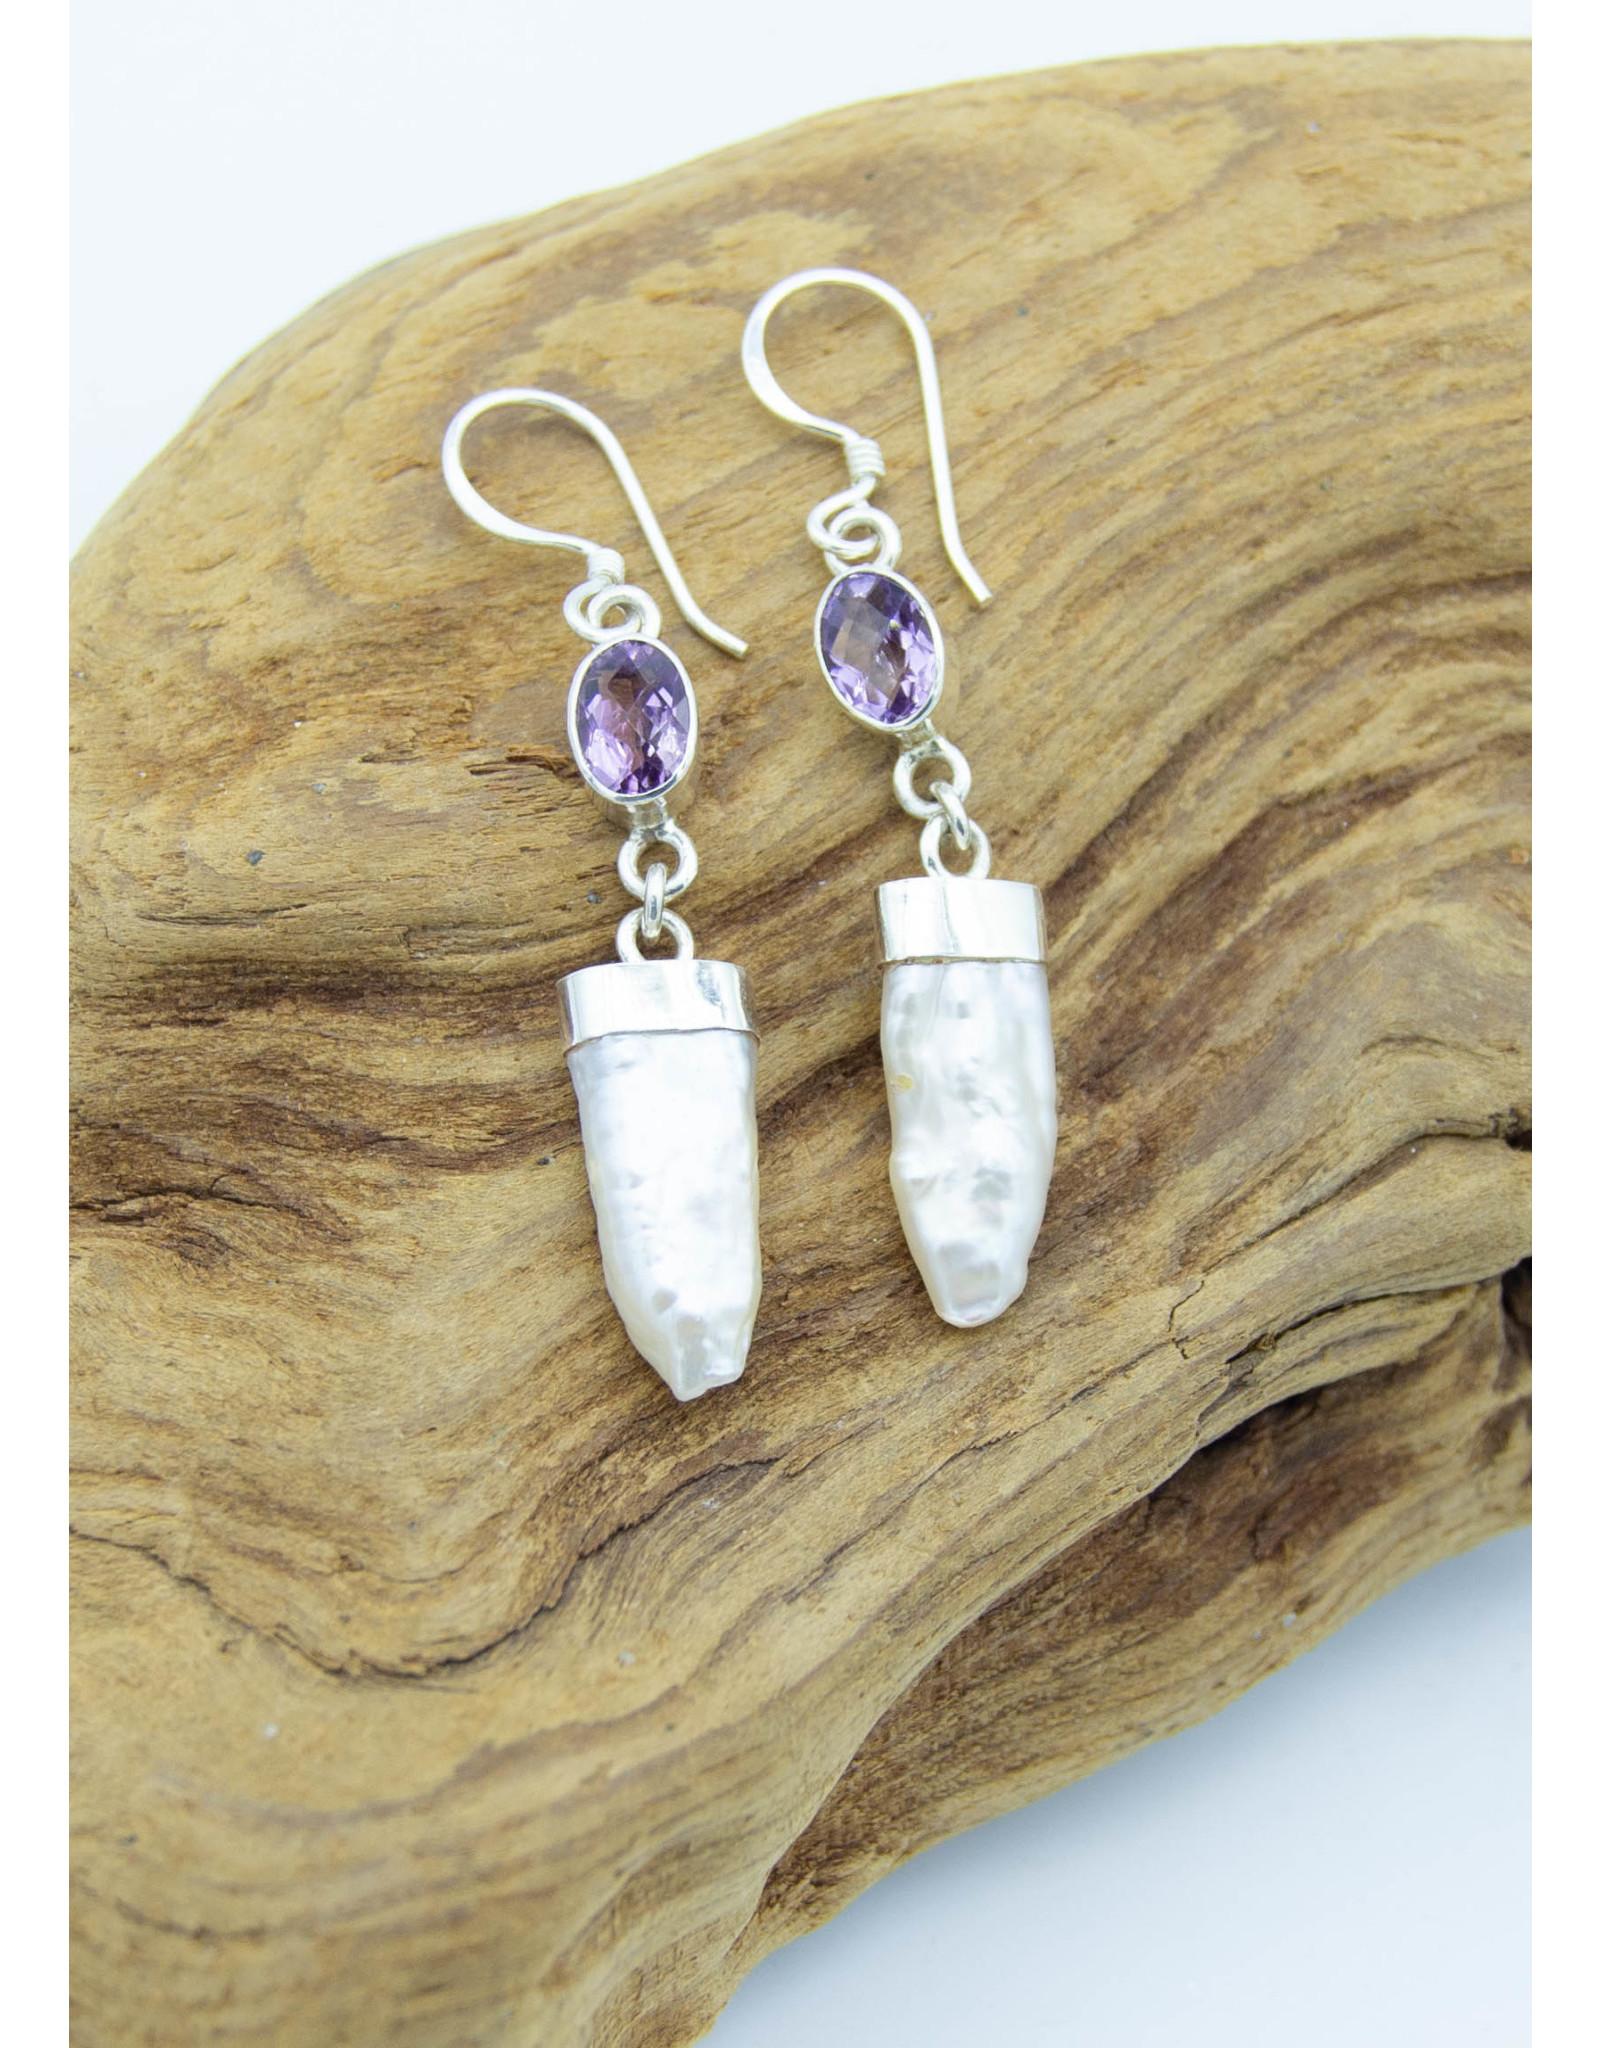 Mother of pearl & Amethyst Earrings